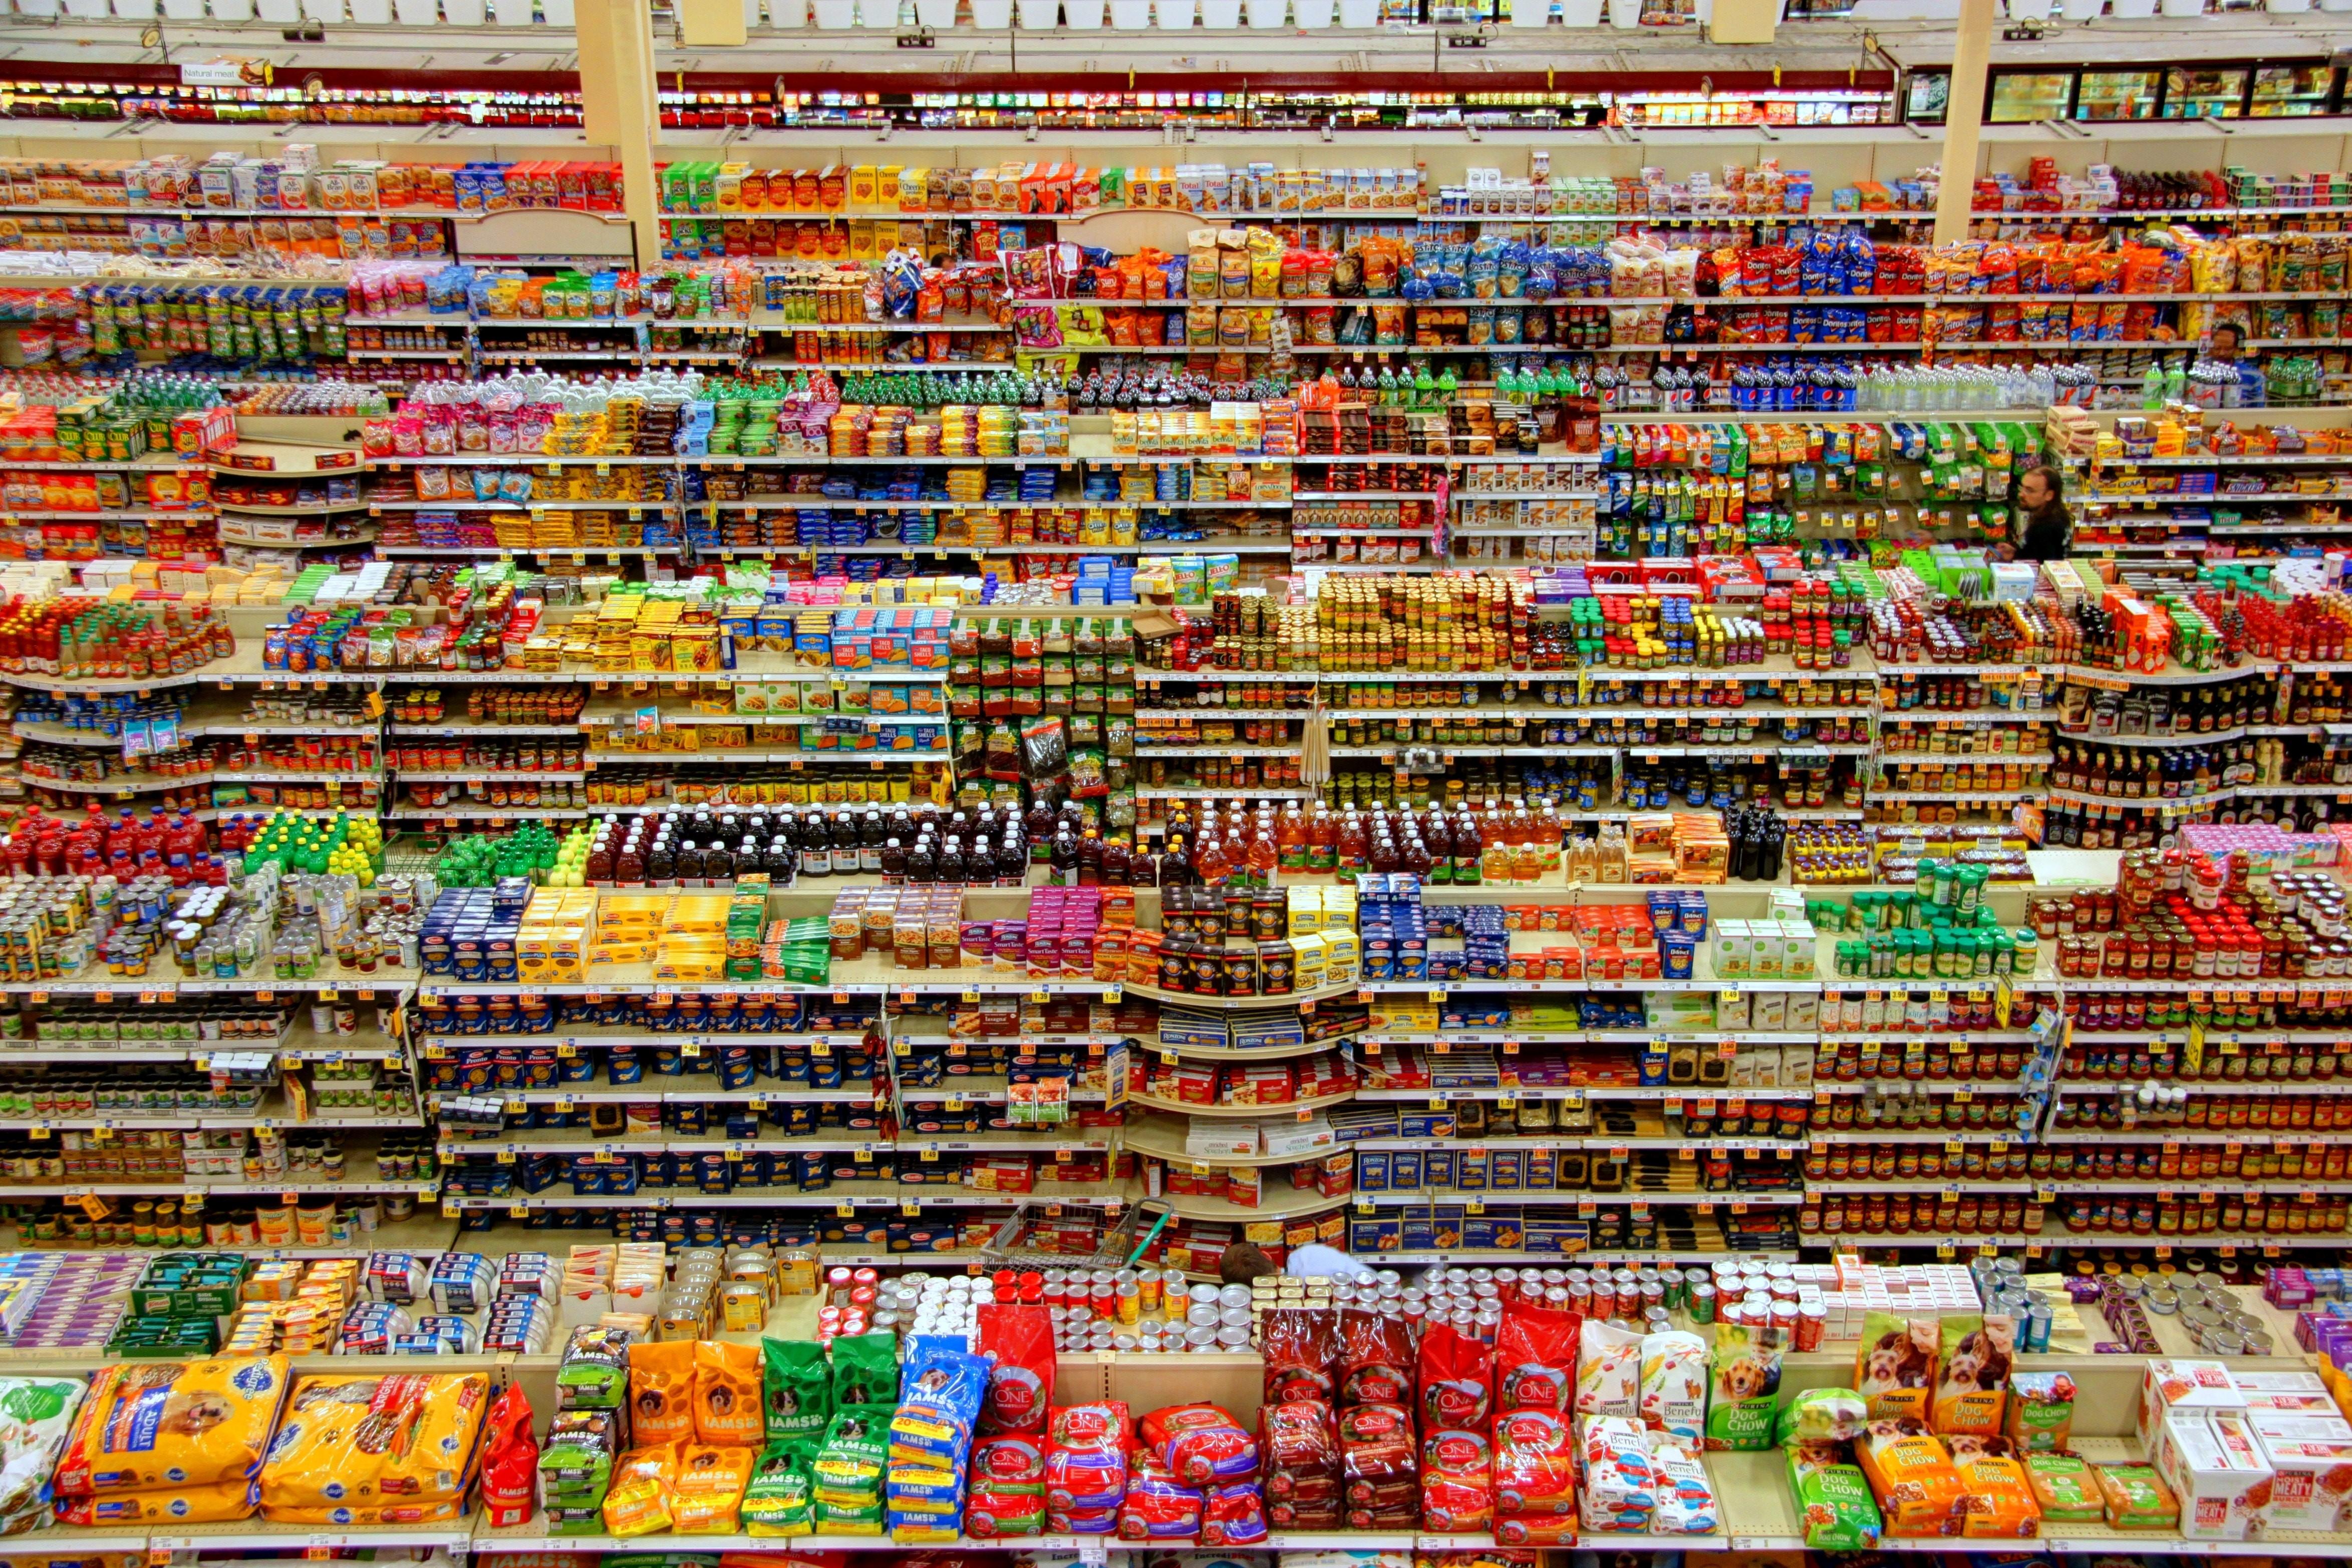 تخفیف 55 درصدی کالاهای اساسی خانوار برای اولین بار در ایران